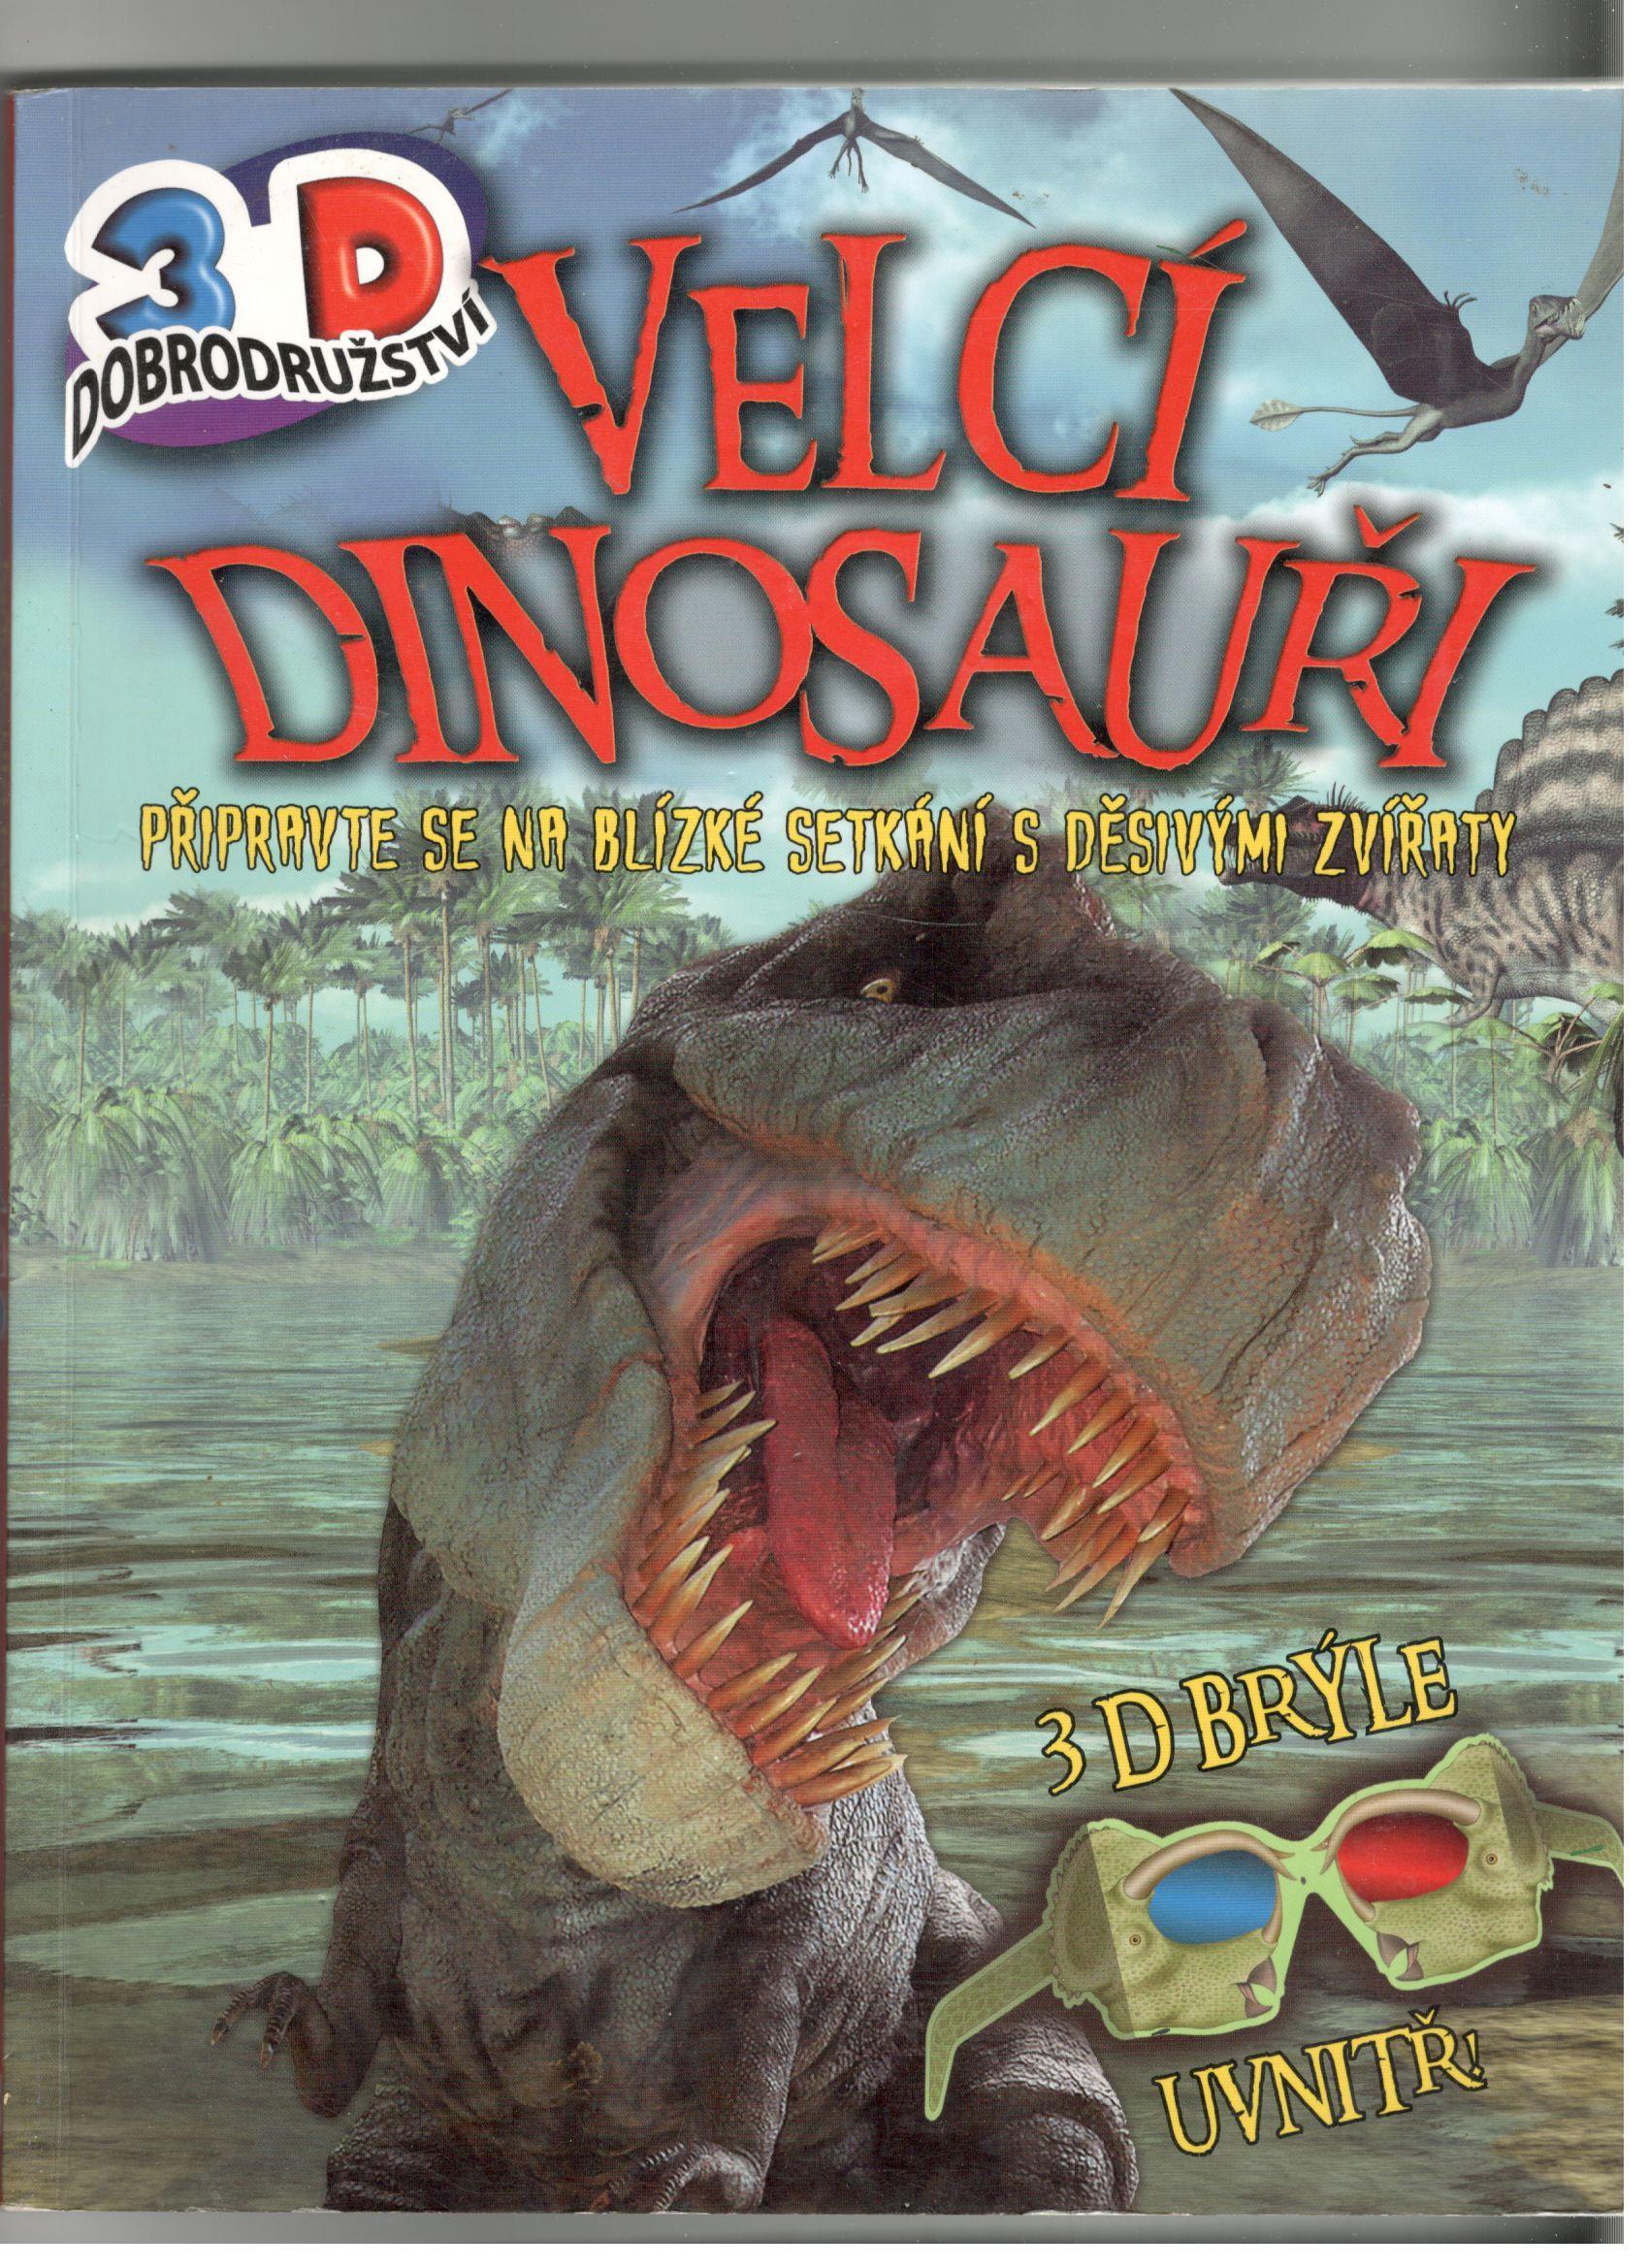 Velcí dinosauři - kolektiv autorů (neobsahuje 3D brýle)